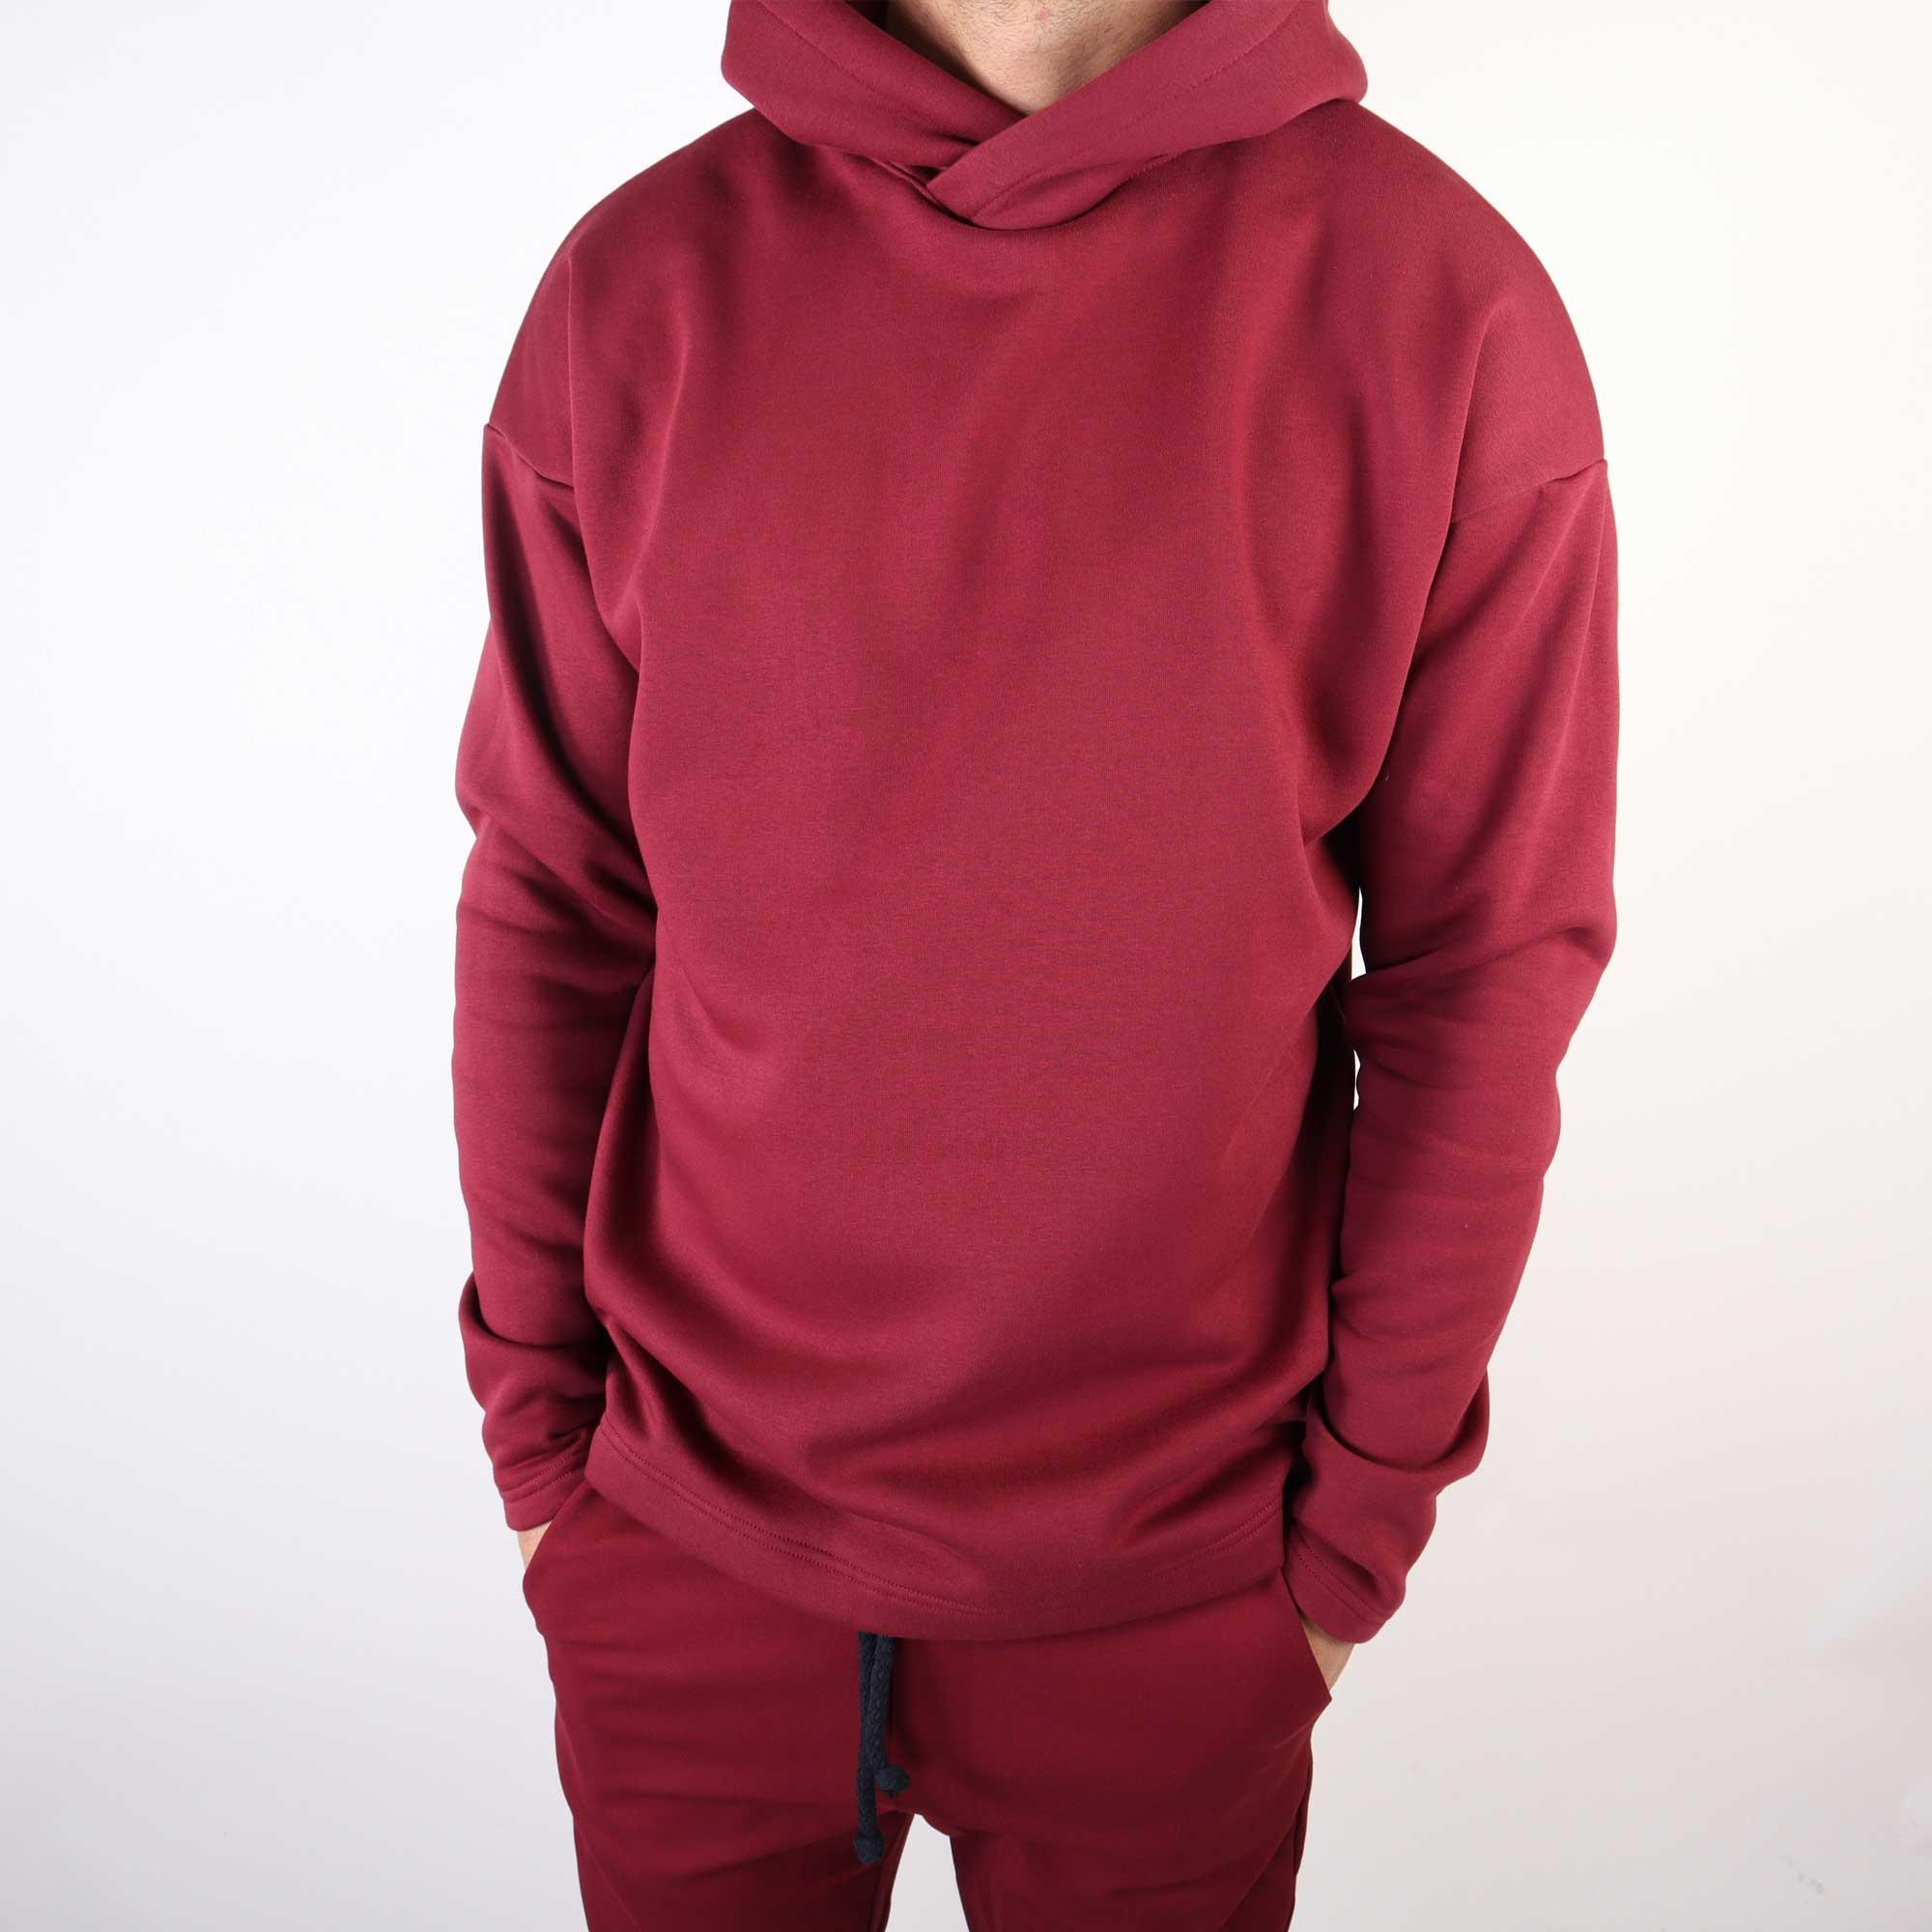 hoodie-rood-1